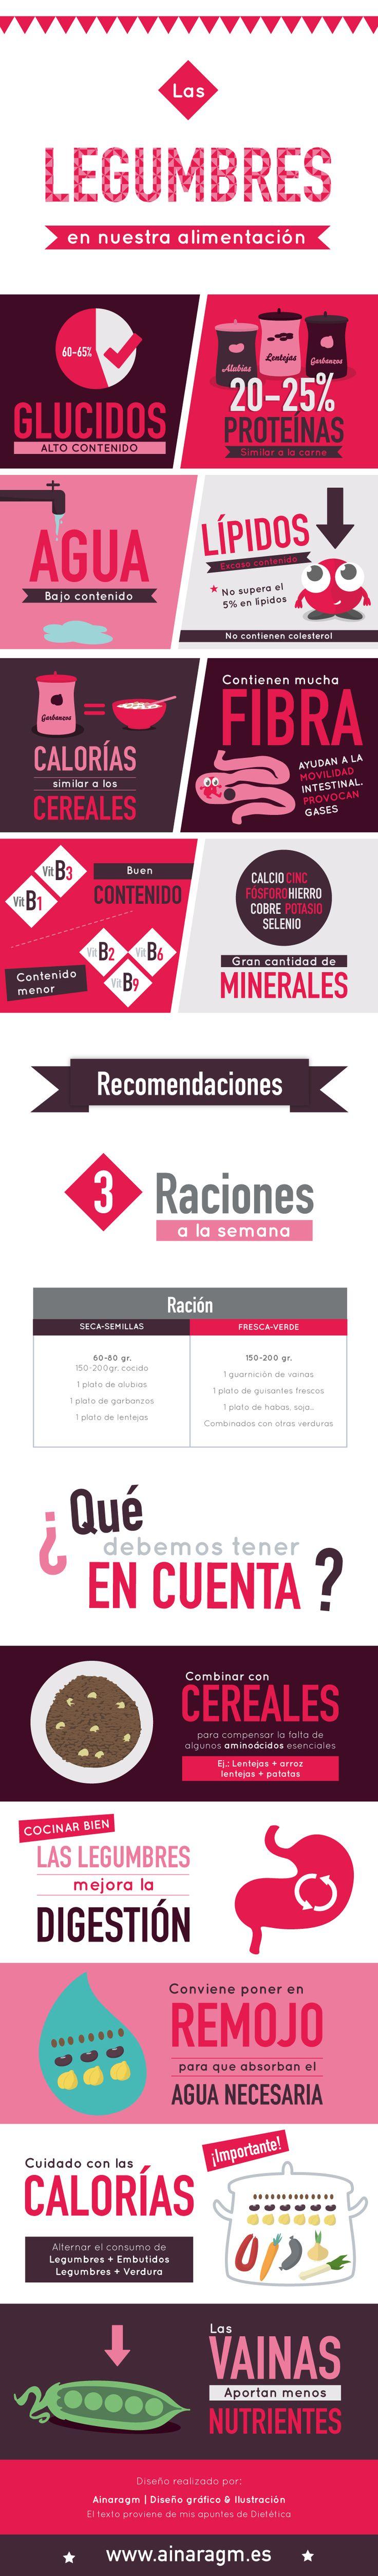 Infografía sobre las propiedades de las legumbres